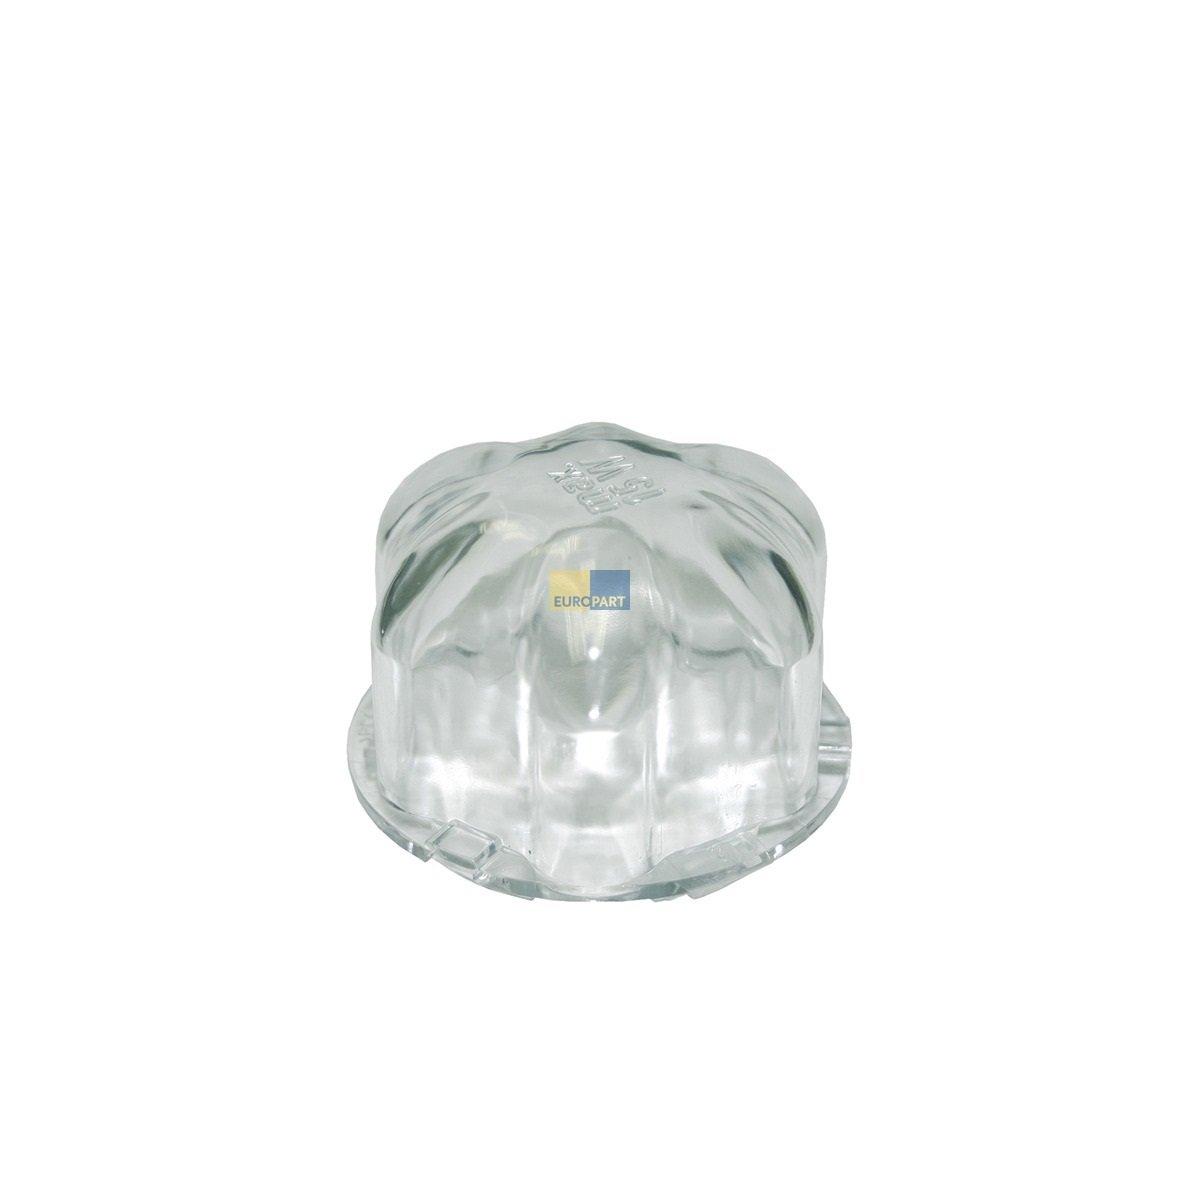 Kunststoff Lampenglas Abdeckung Kalotte Trockner Leuchte ORIGINAL Miele 4919583